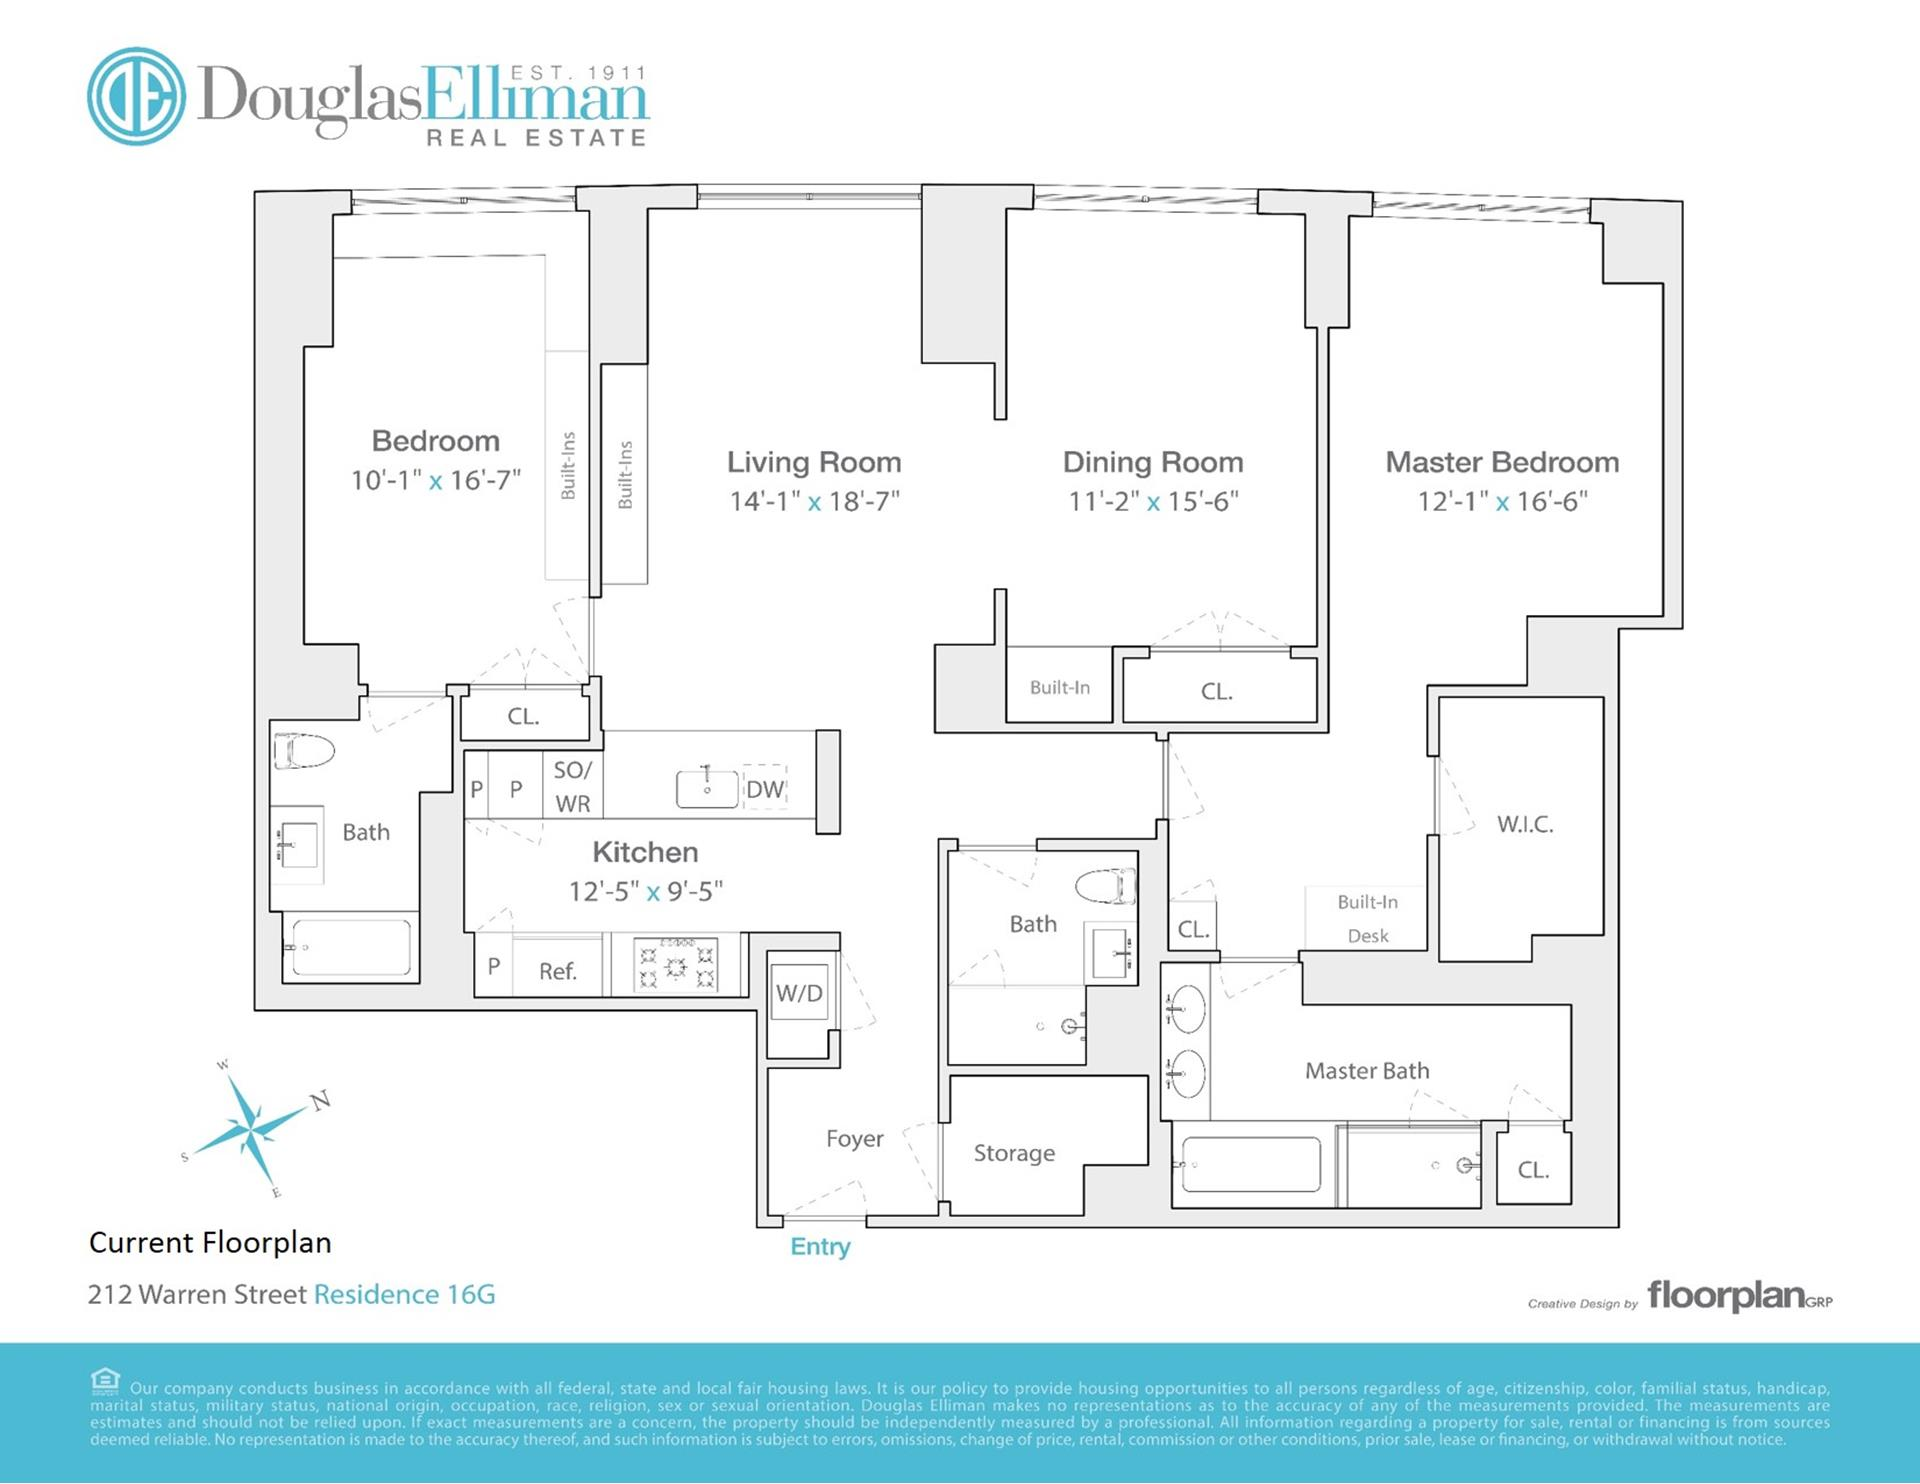 Floor plan of River & Warren, 212 Warren Street, 16G - Battery Park City, New York